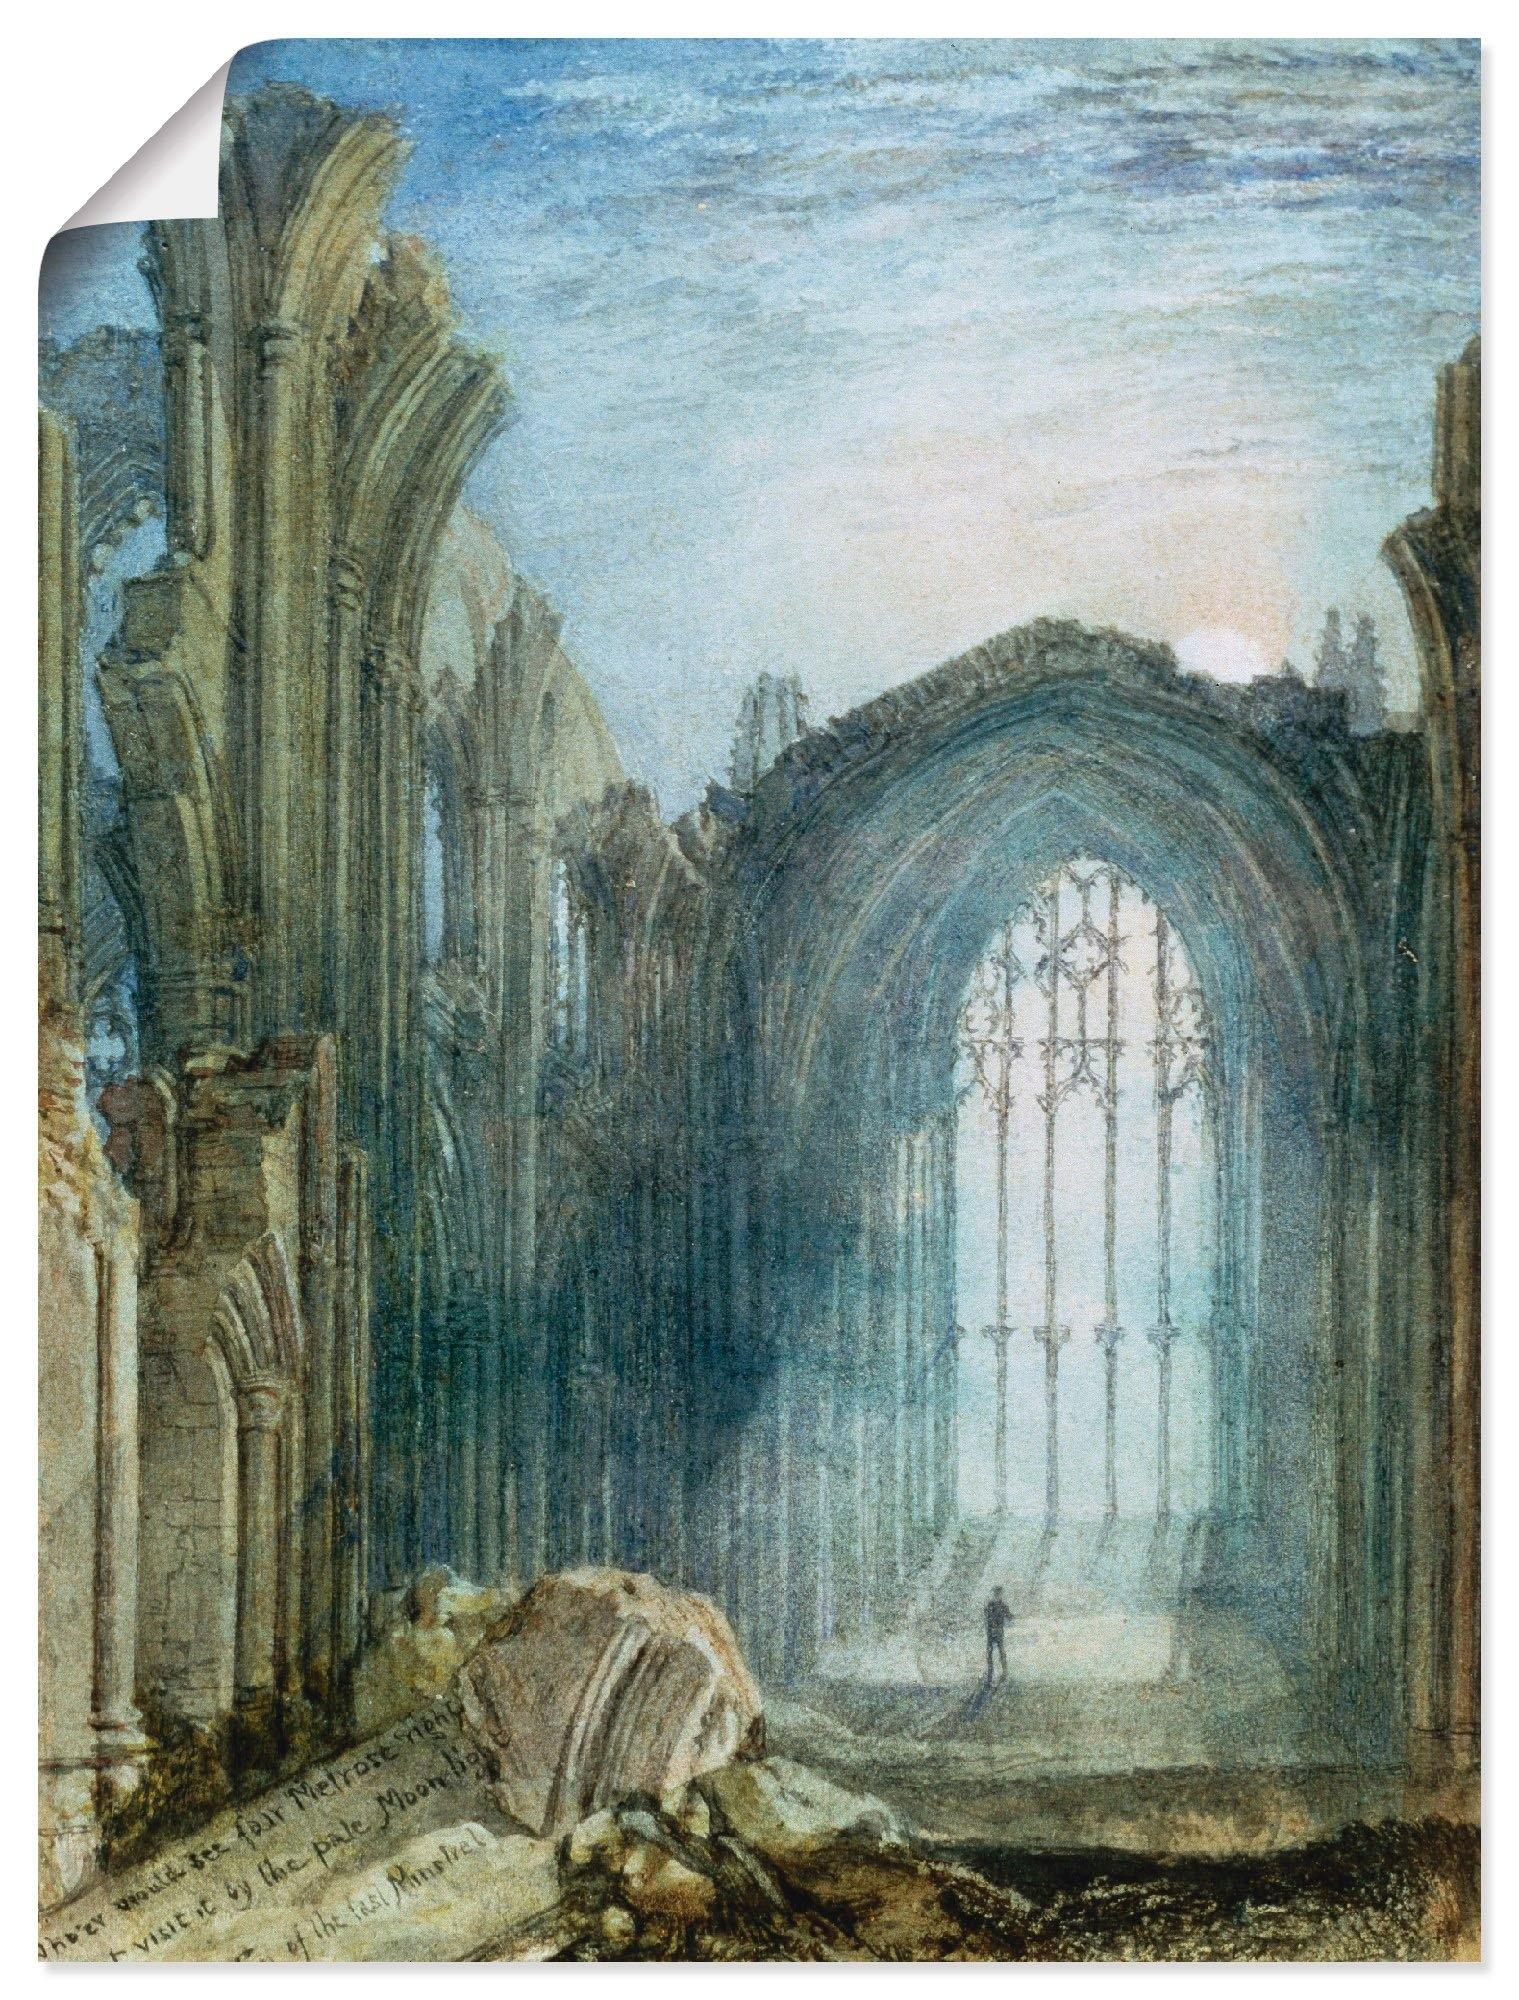 Op zoek naar een Artland Artprint Melrose Abbey in vele afmetingen & productsoorten -artprint op linnen, poster, muursticker / wandfolie ook geschikt voor de badkamer (1 stuk)? Koop online bij OTTO